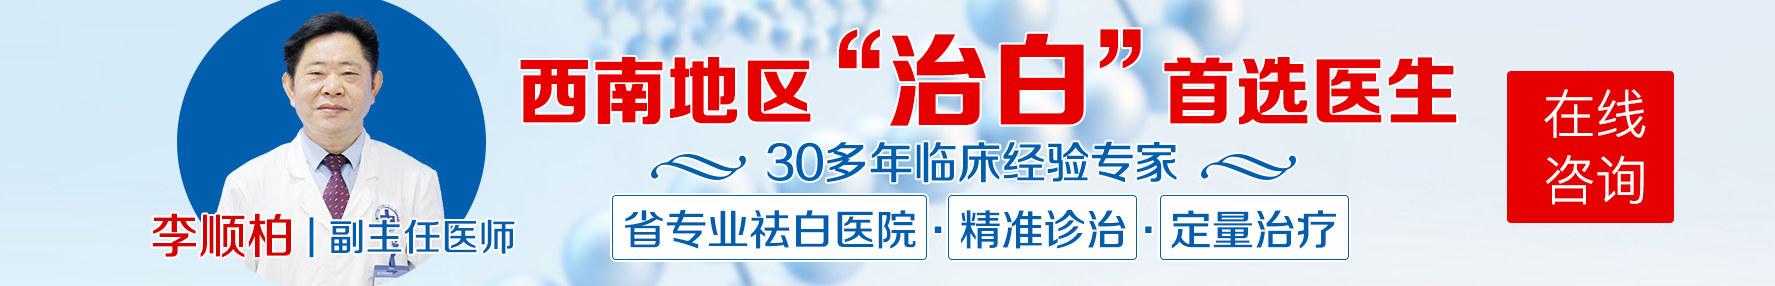 贵州白癜风在线视频偷国产精品